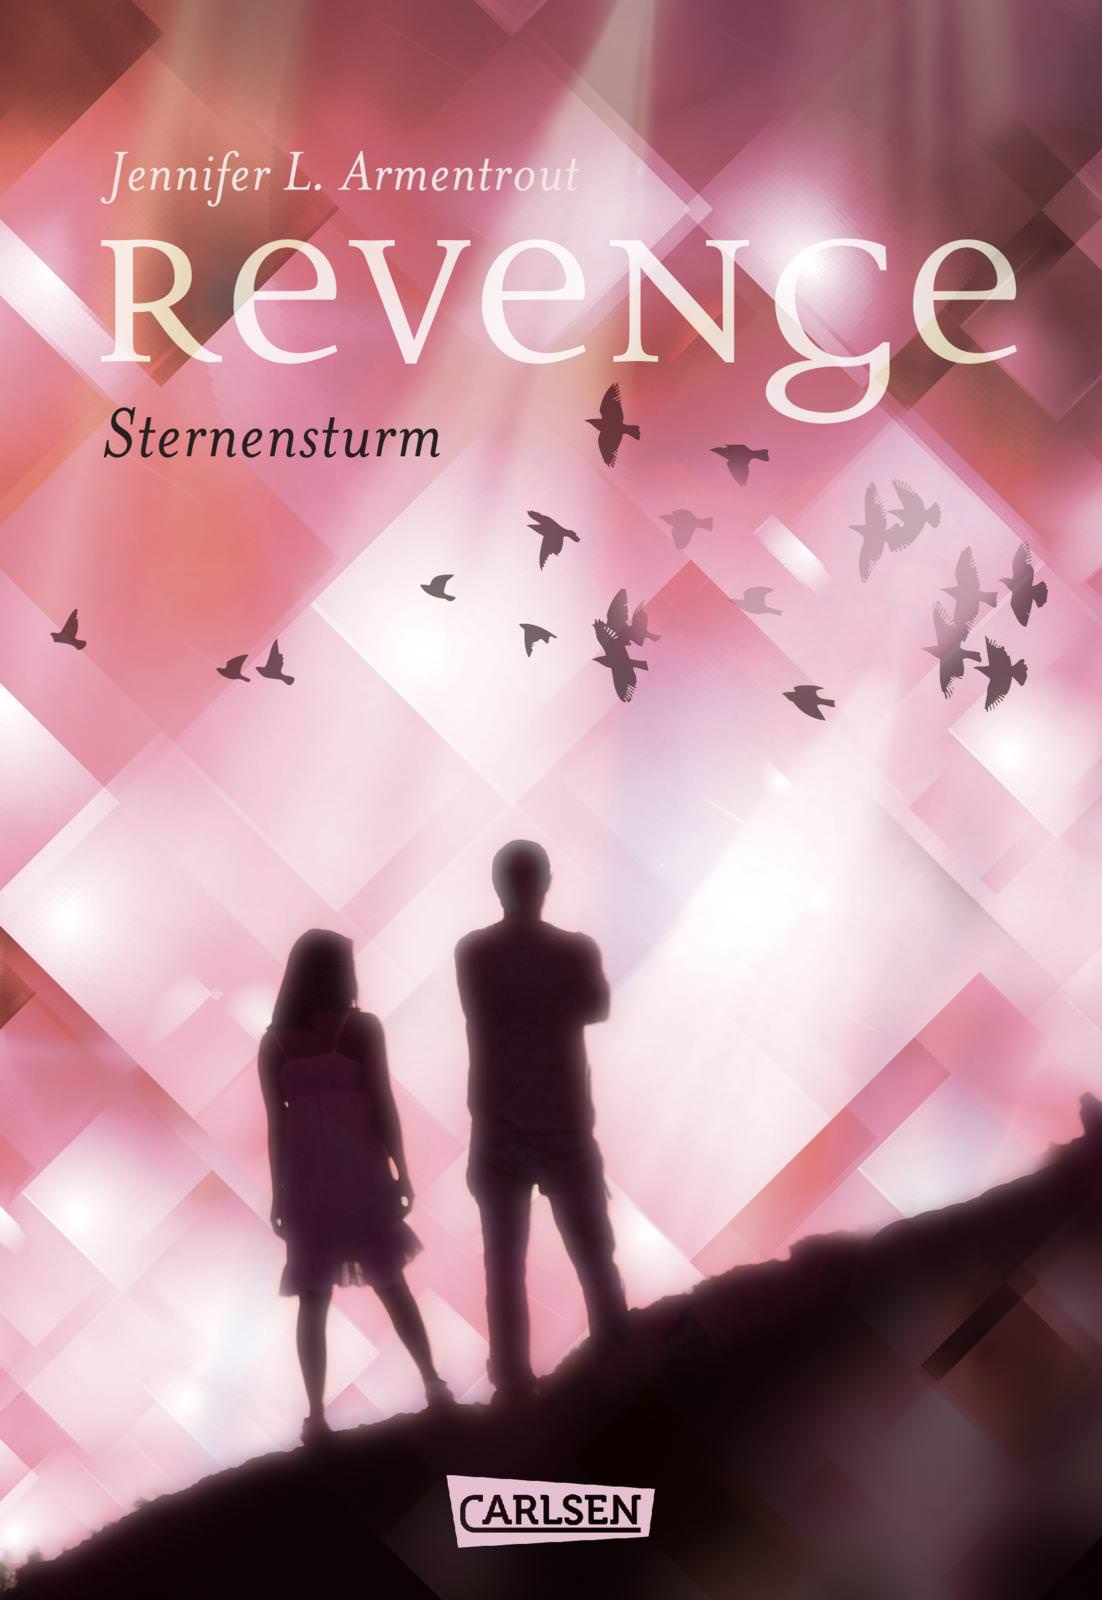 revenge-sternensturm-revenge-1